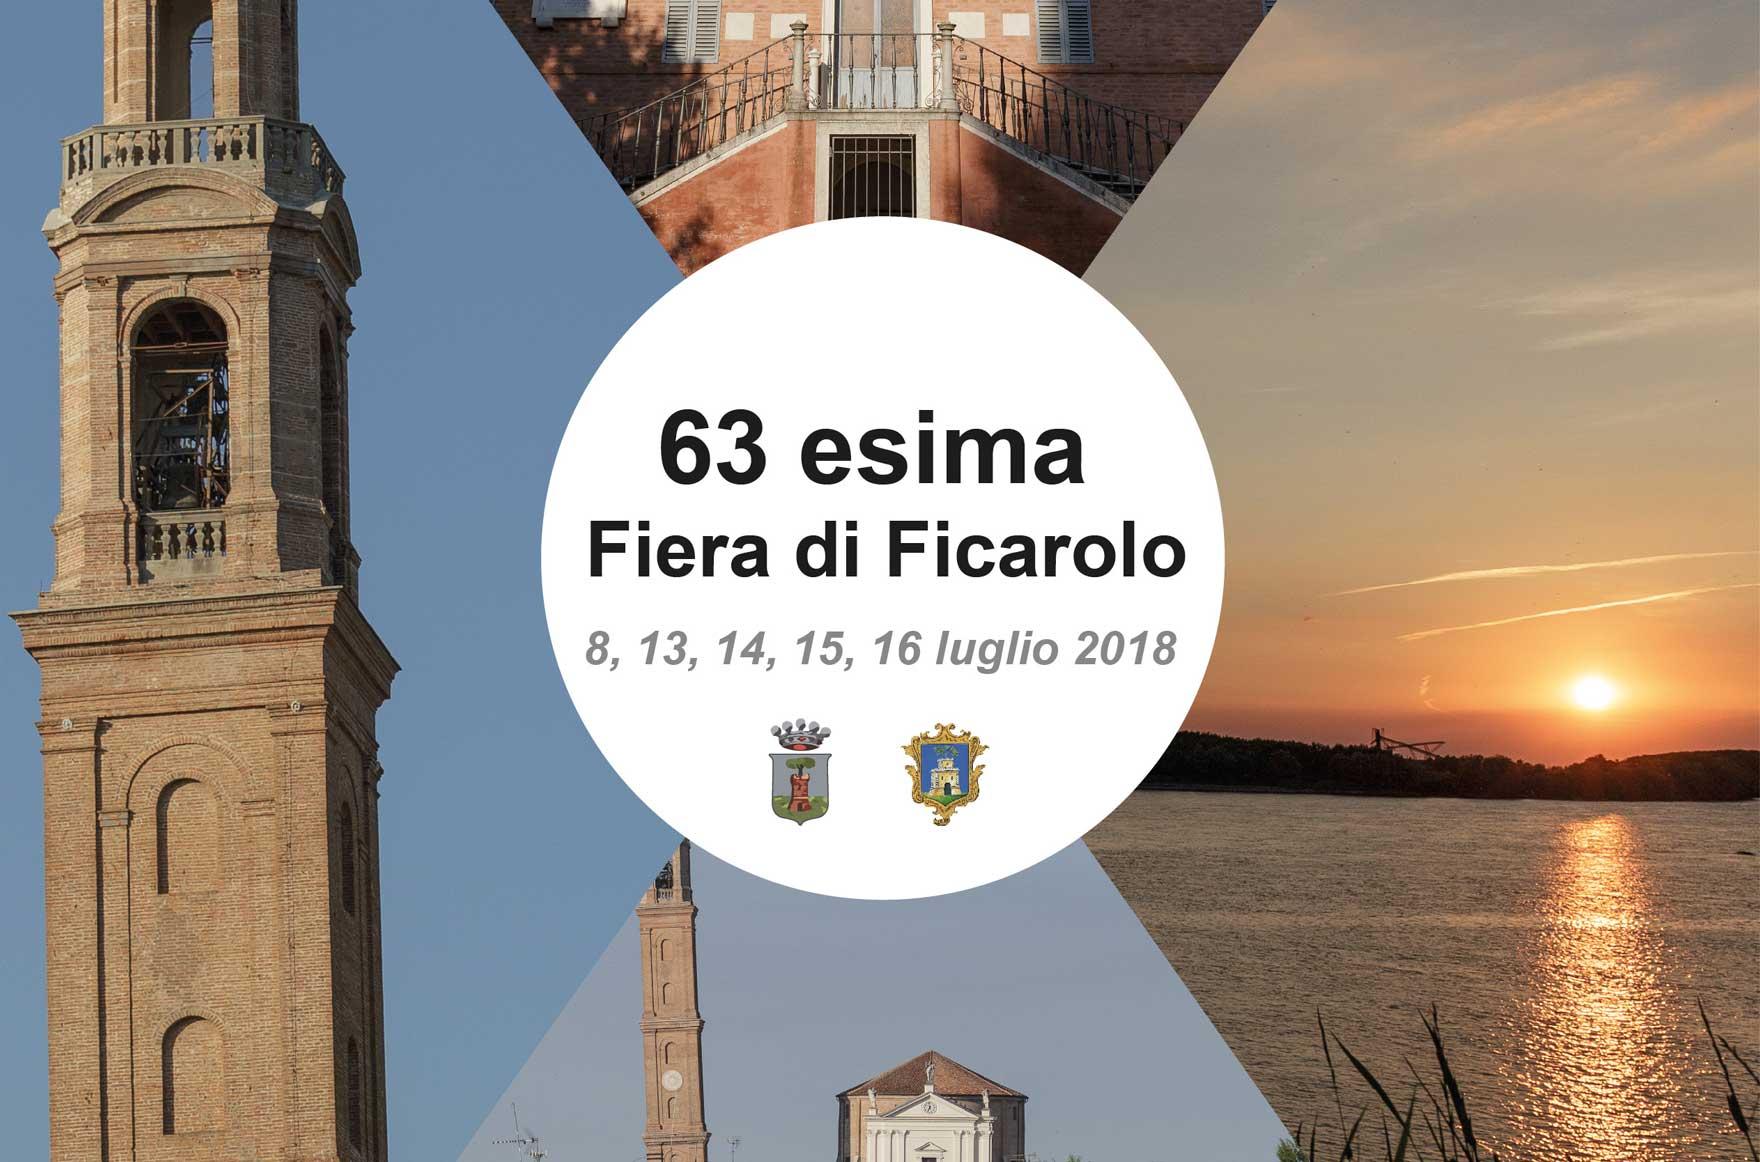 63a Fiera di Ficarolo, programma 2018